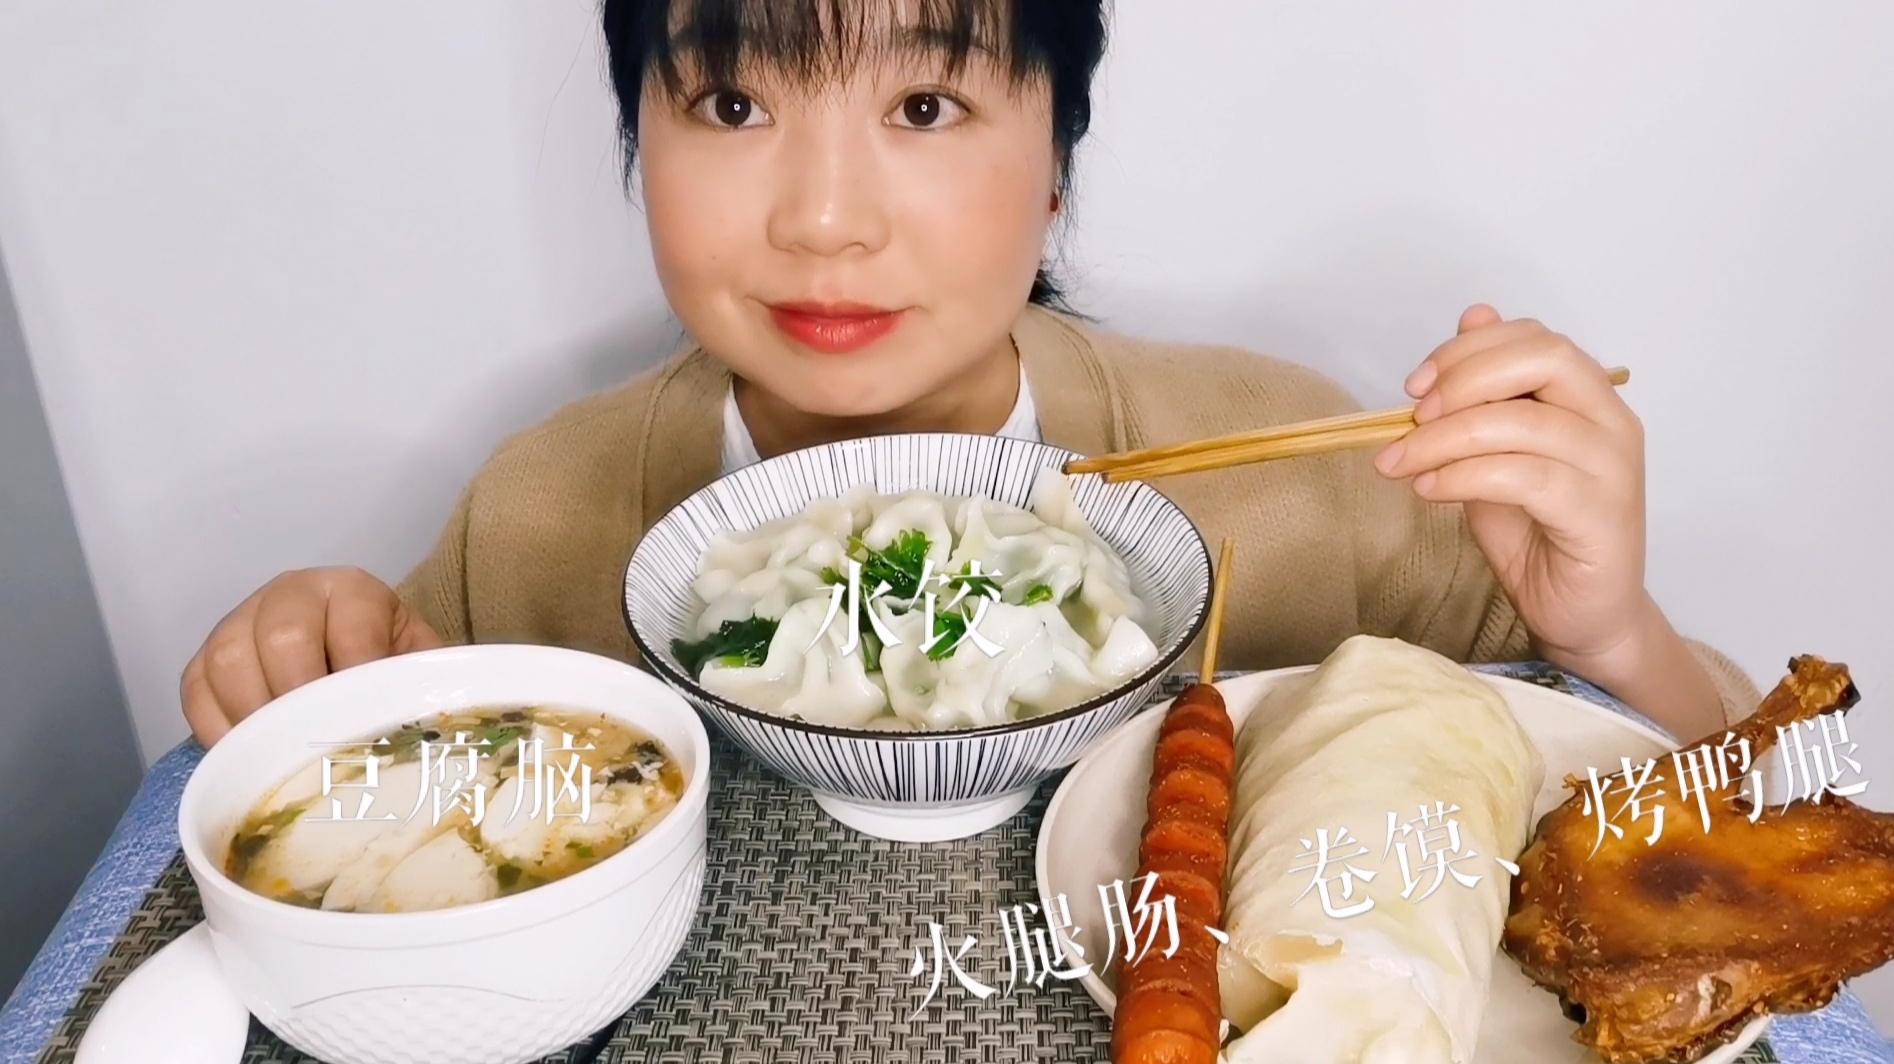 饺子、火腿肠、卷馍、烤鸭腿、豆腐脑,哪个都好吃